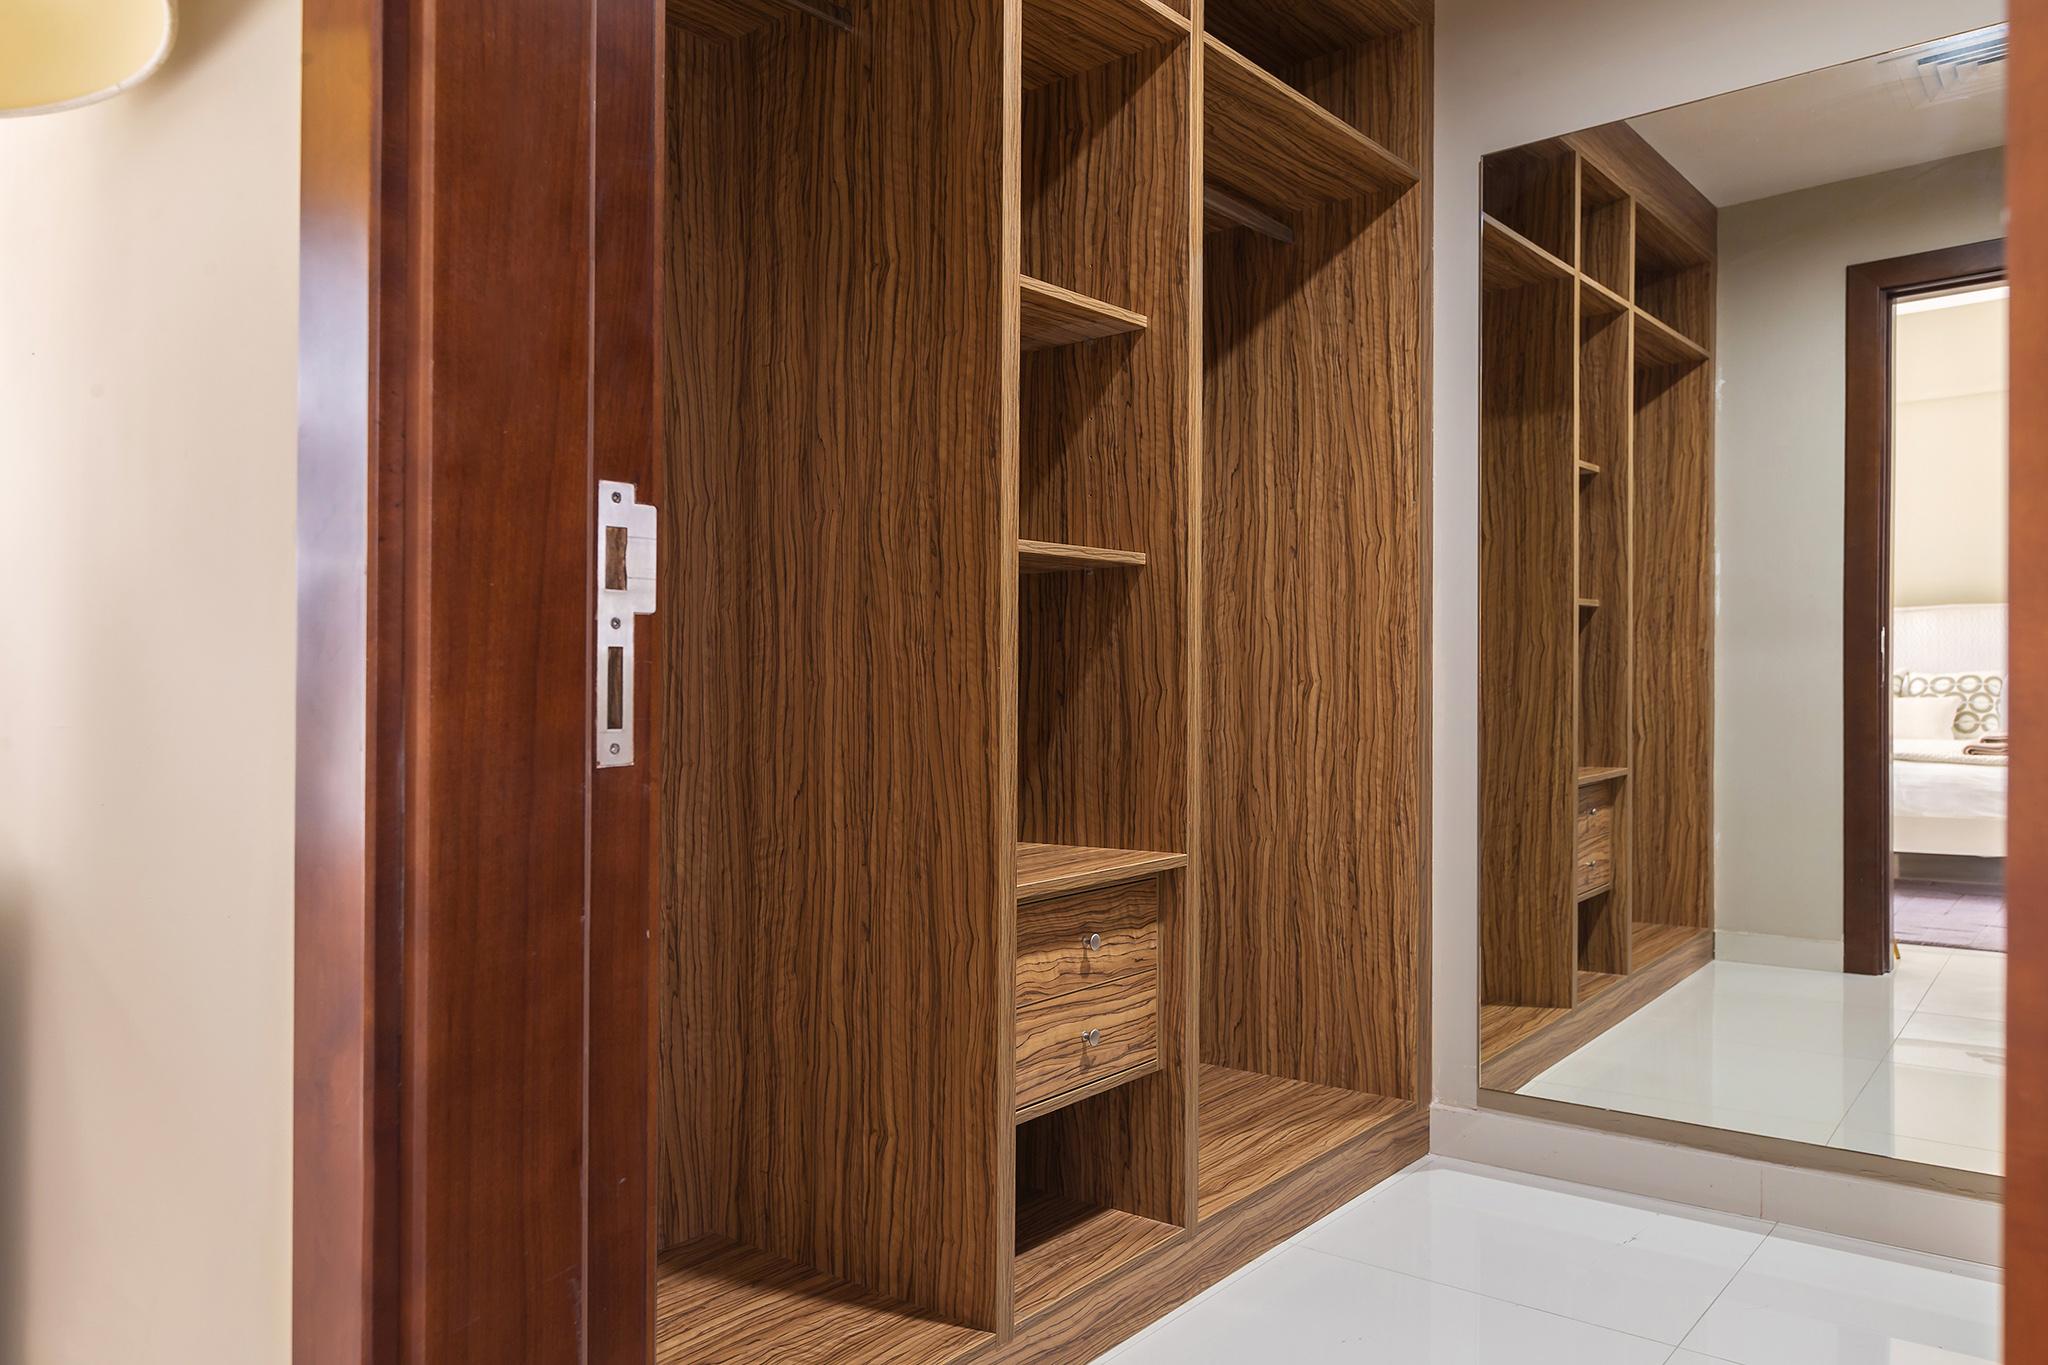 Deluxe built-in wardrobe for each bedroom